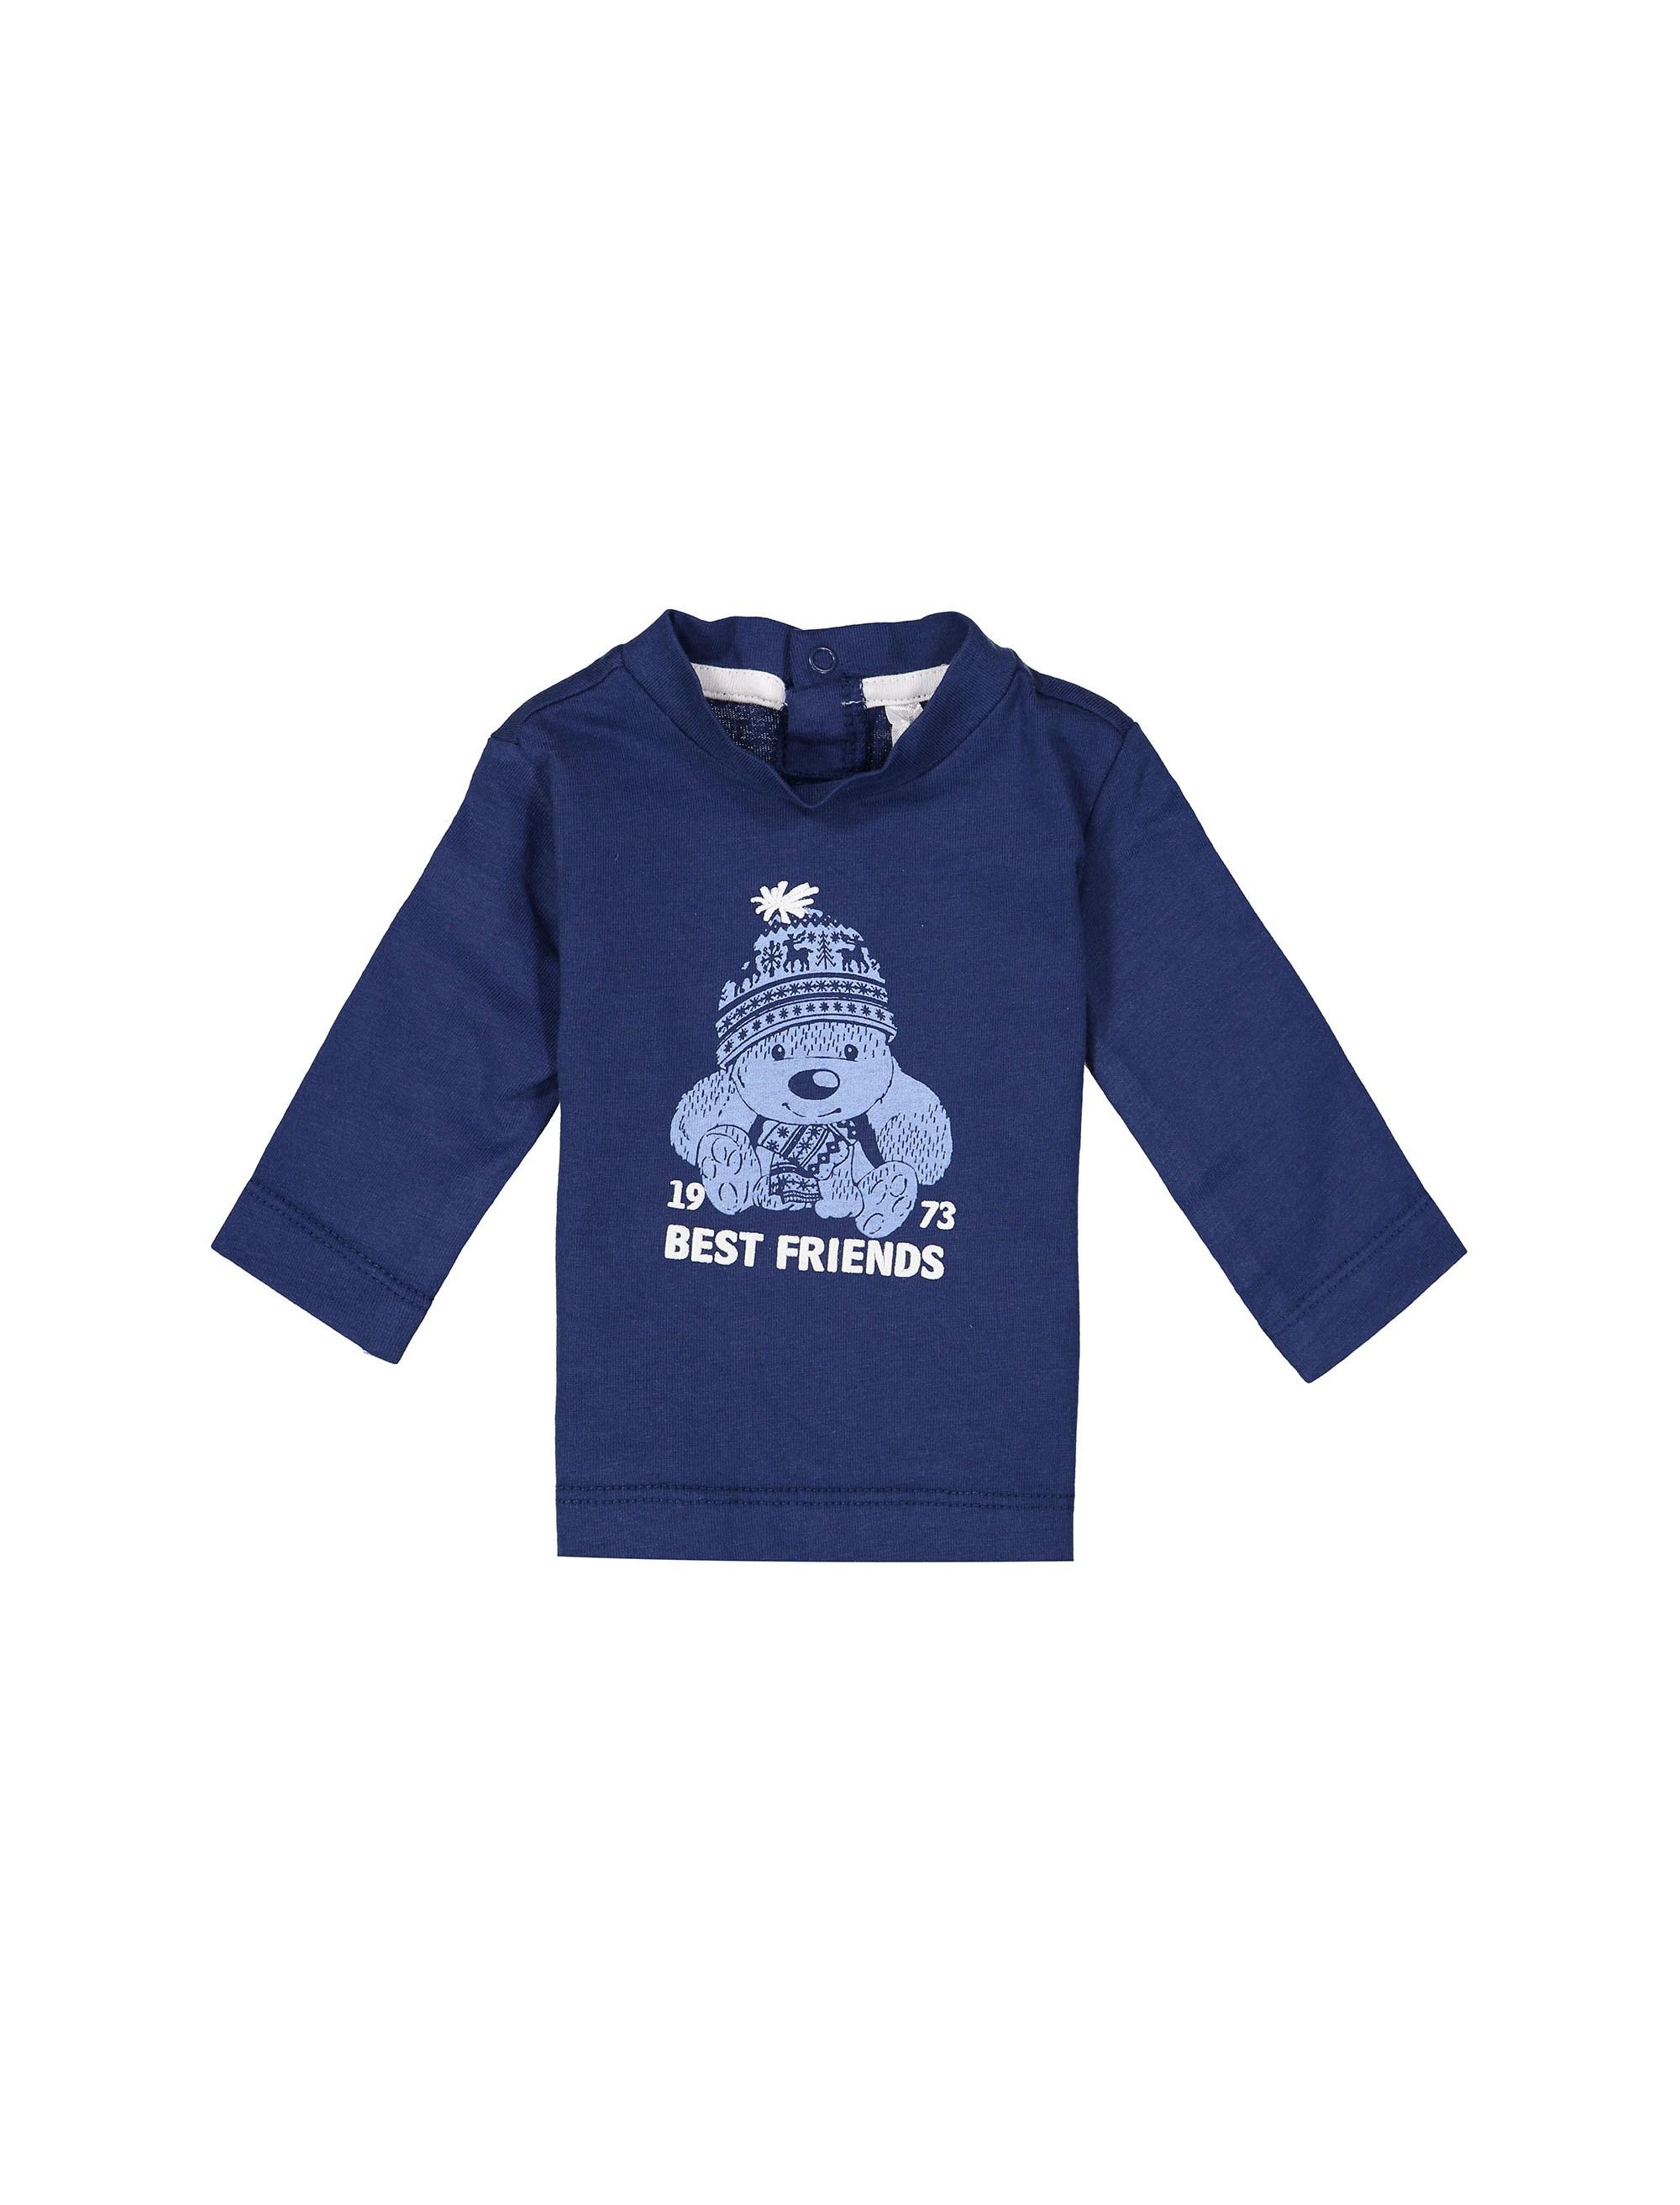 تی شرت نخی یقه گرد نوزادی پسرانه - ایدکس - سرمه اي - 1